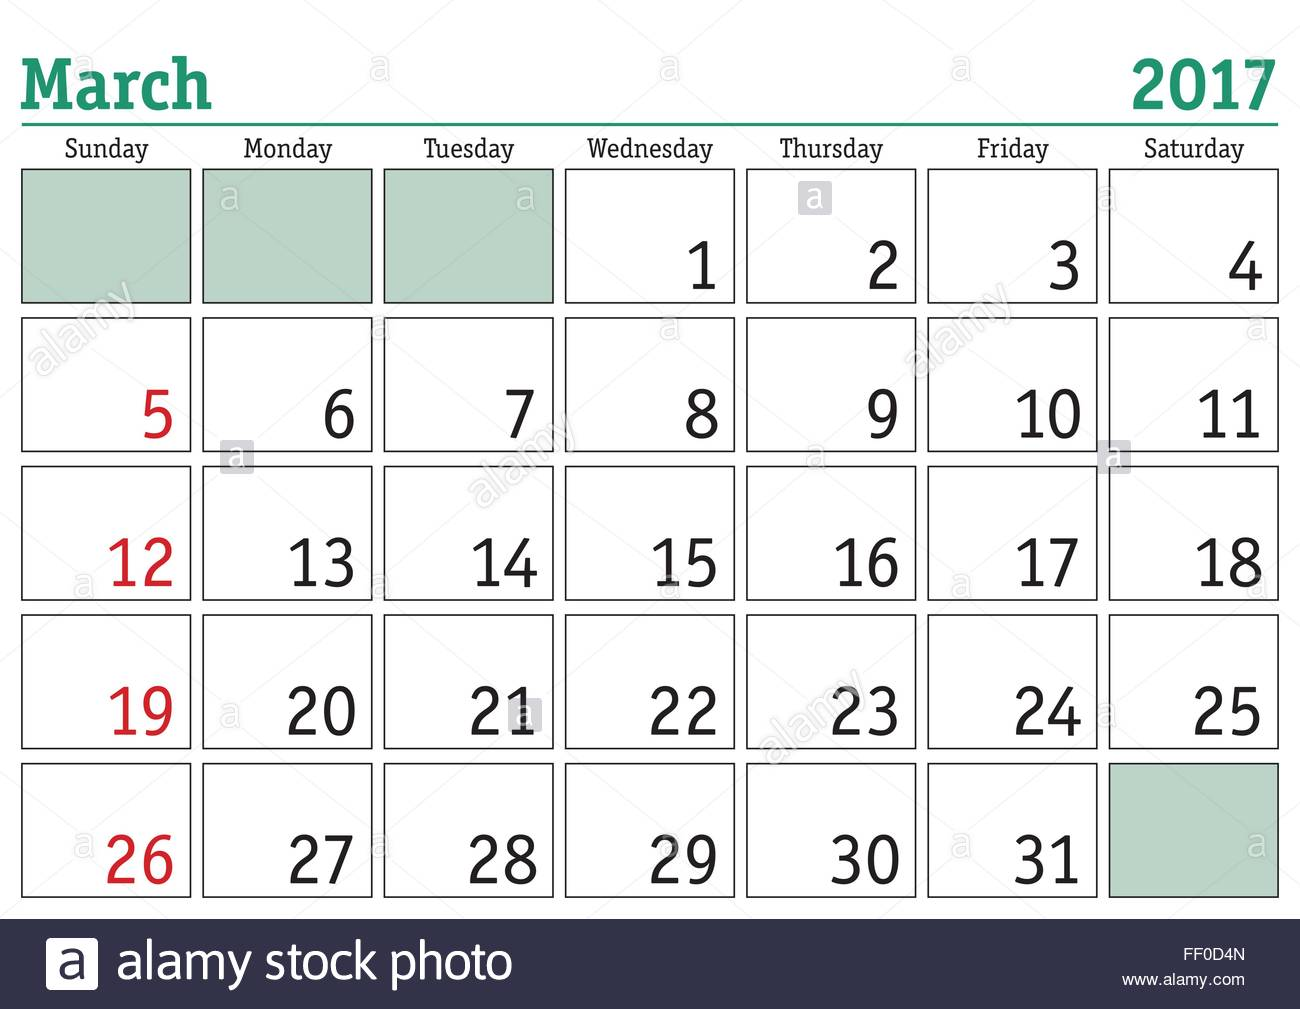 Printable Calendar March 2017